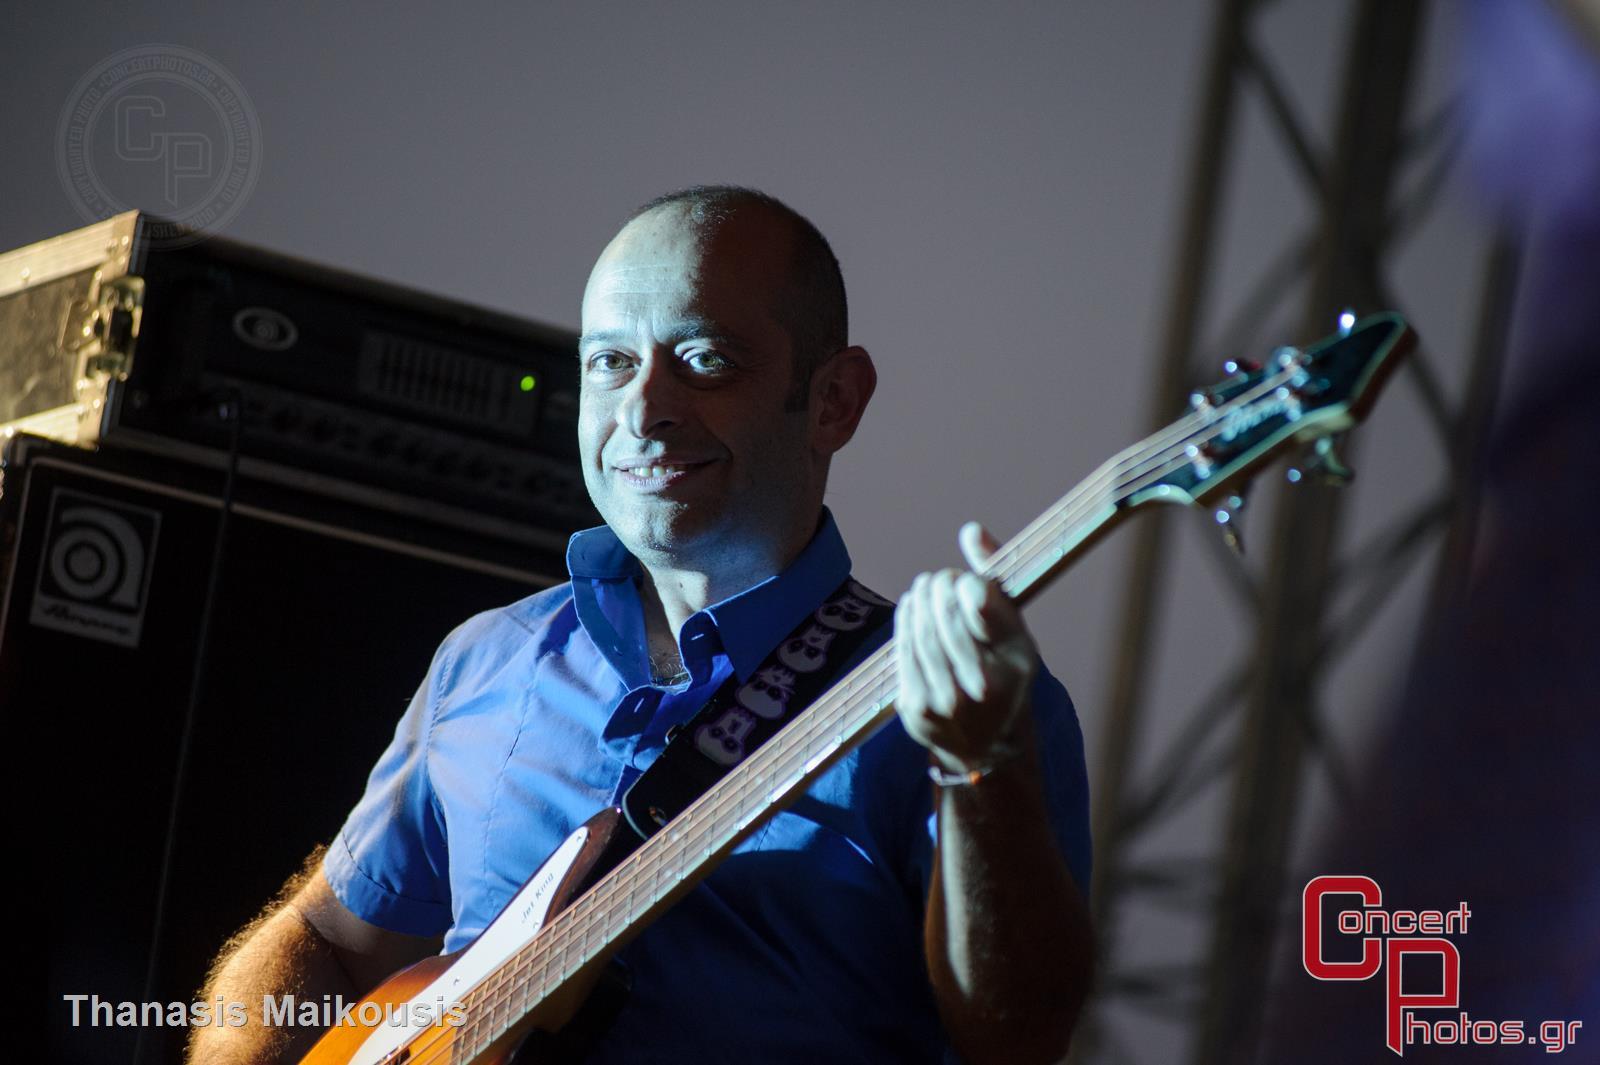 En Lefko 2014-En Lefko 2014 photographer: Thanasis Maikousis - concertphotos_20140621_21_04_14